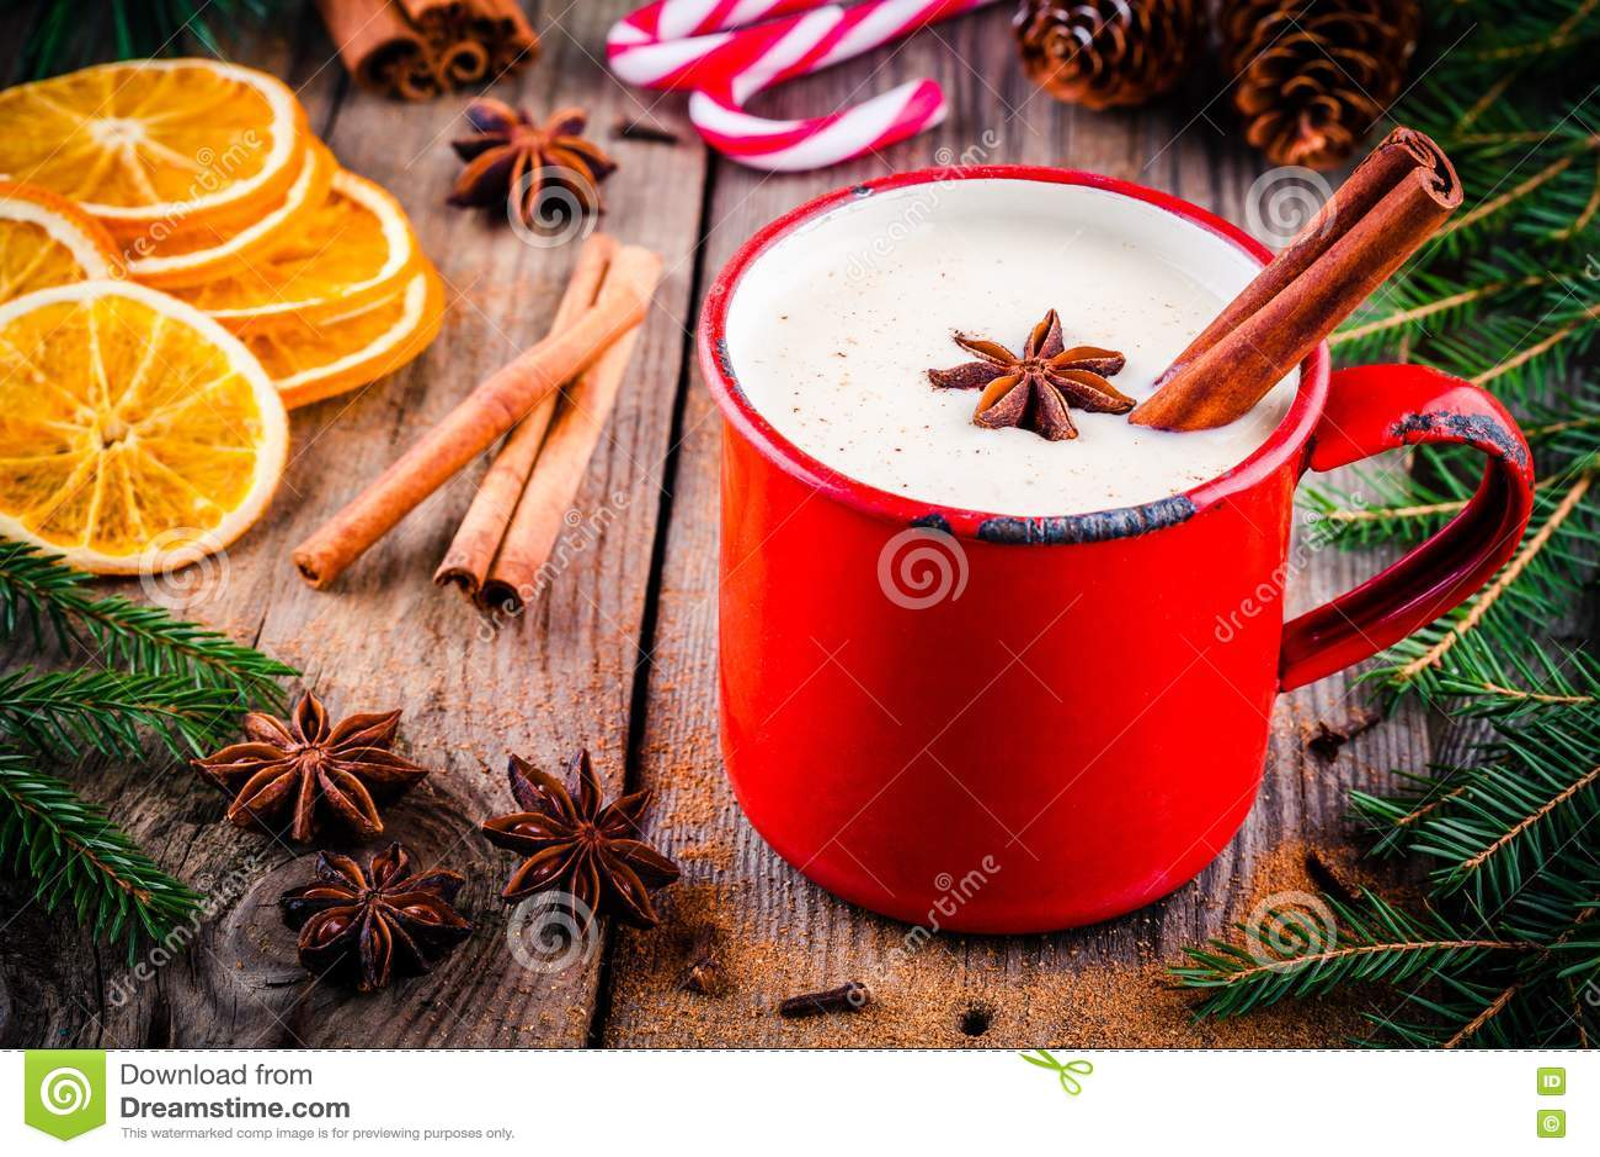 Bebida do Natal: gemada com canela e anis na caneca vermelha